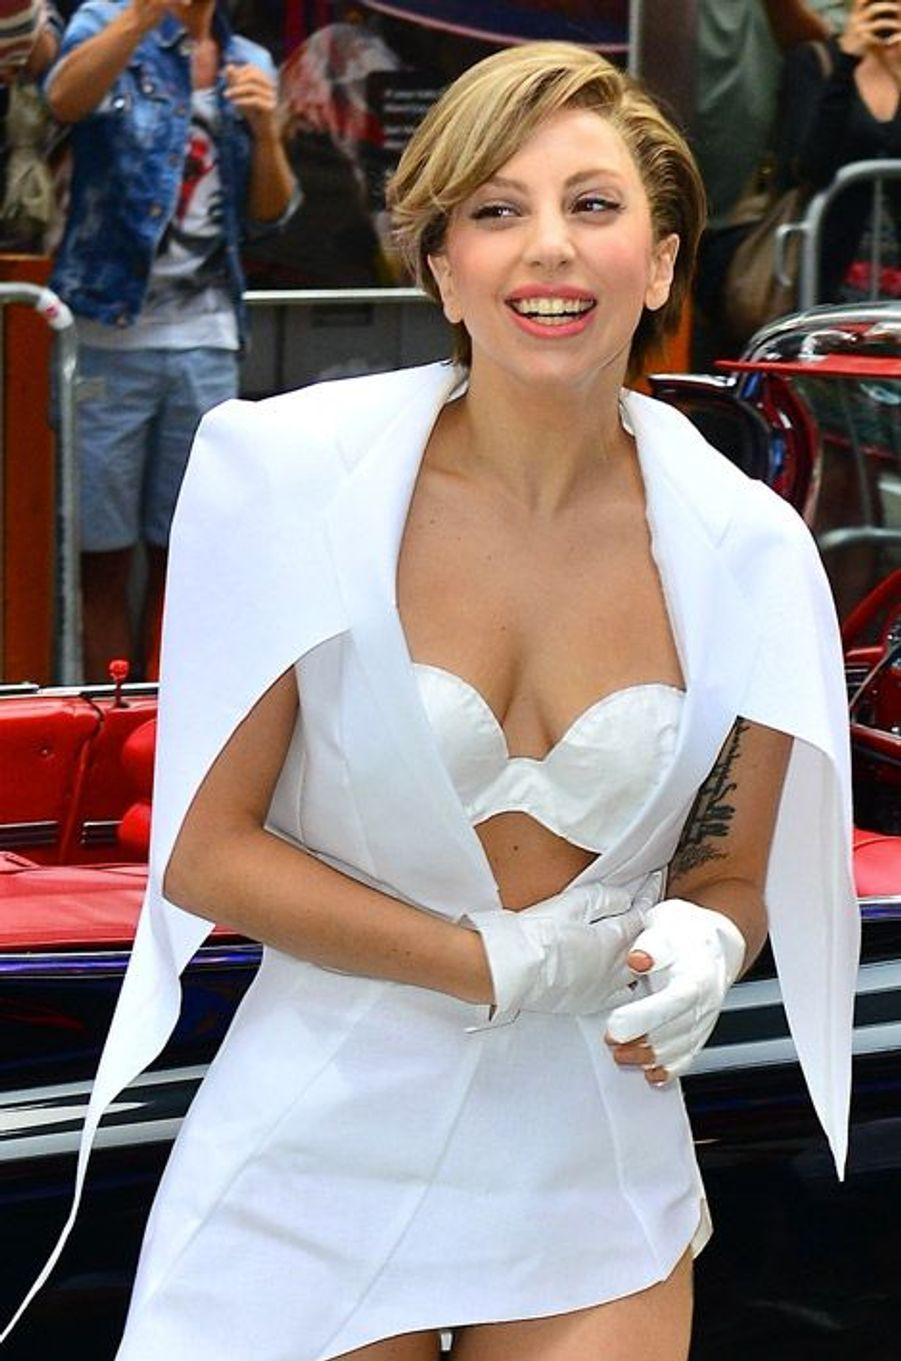 La chanteuse Lady Gaga arrive sur un plateau de la télévision américaine à New York, le 19 août 2013